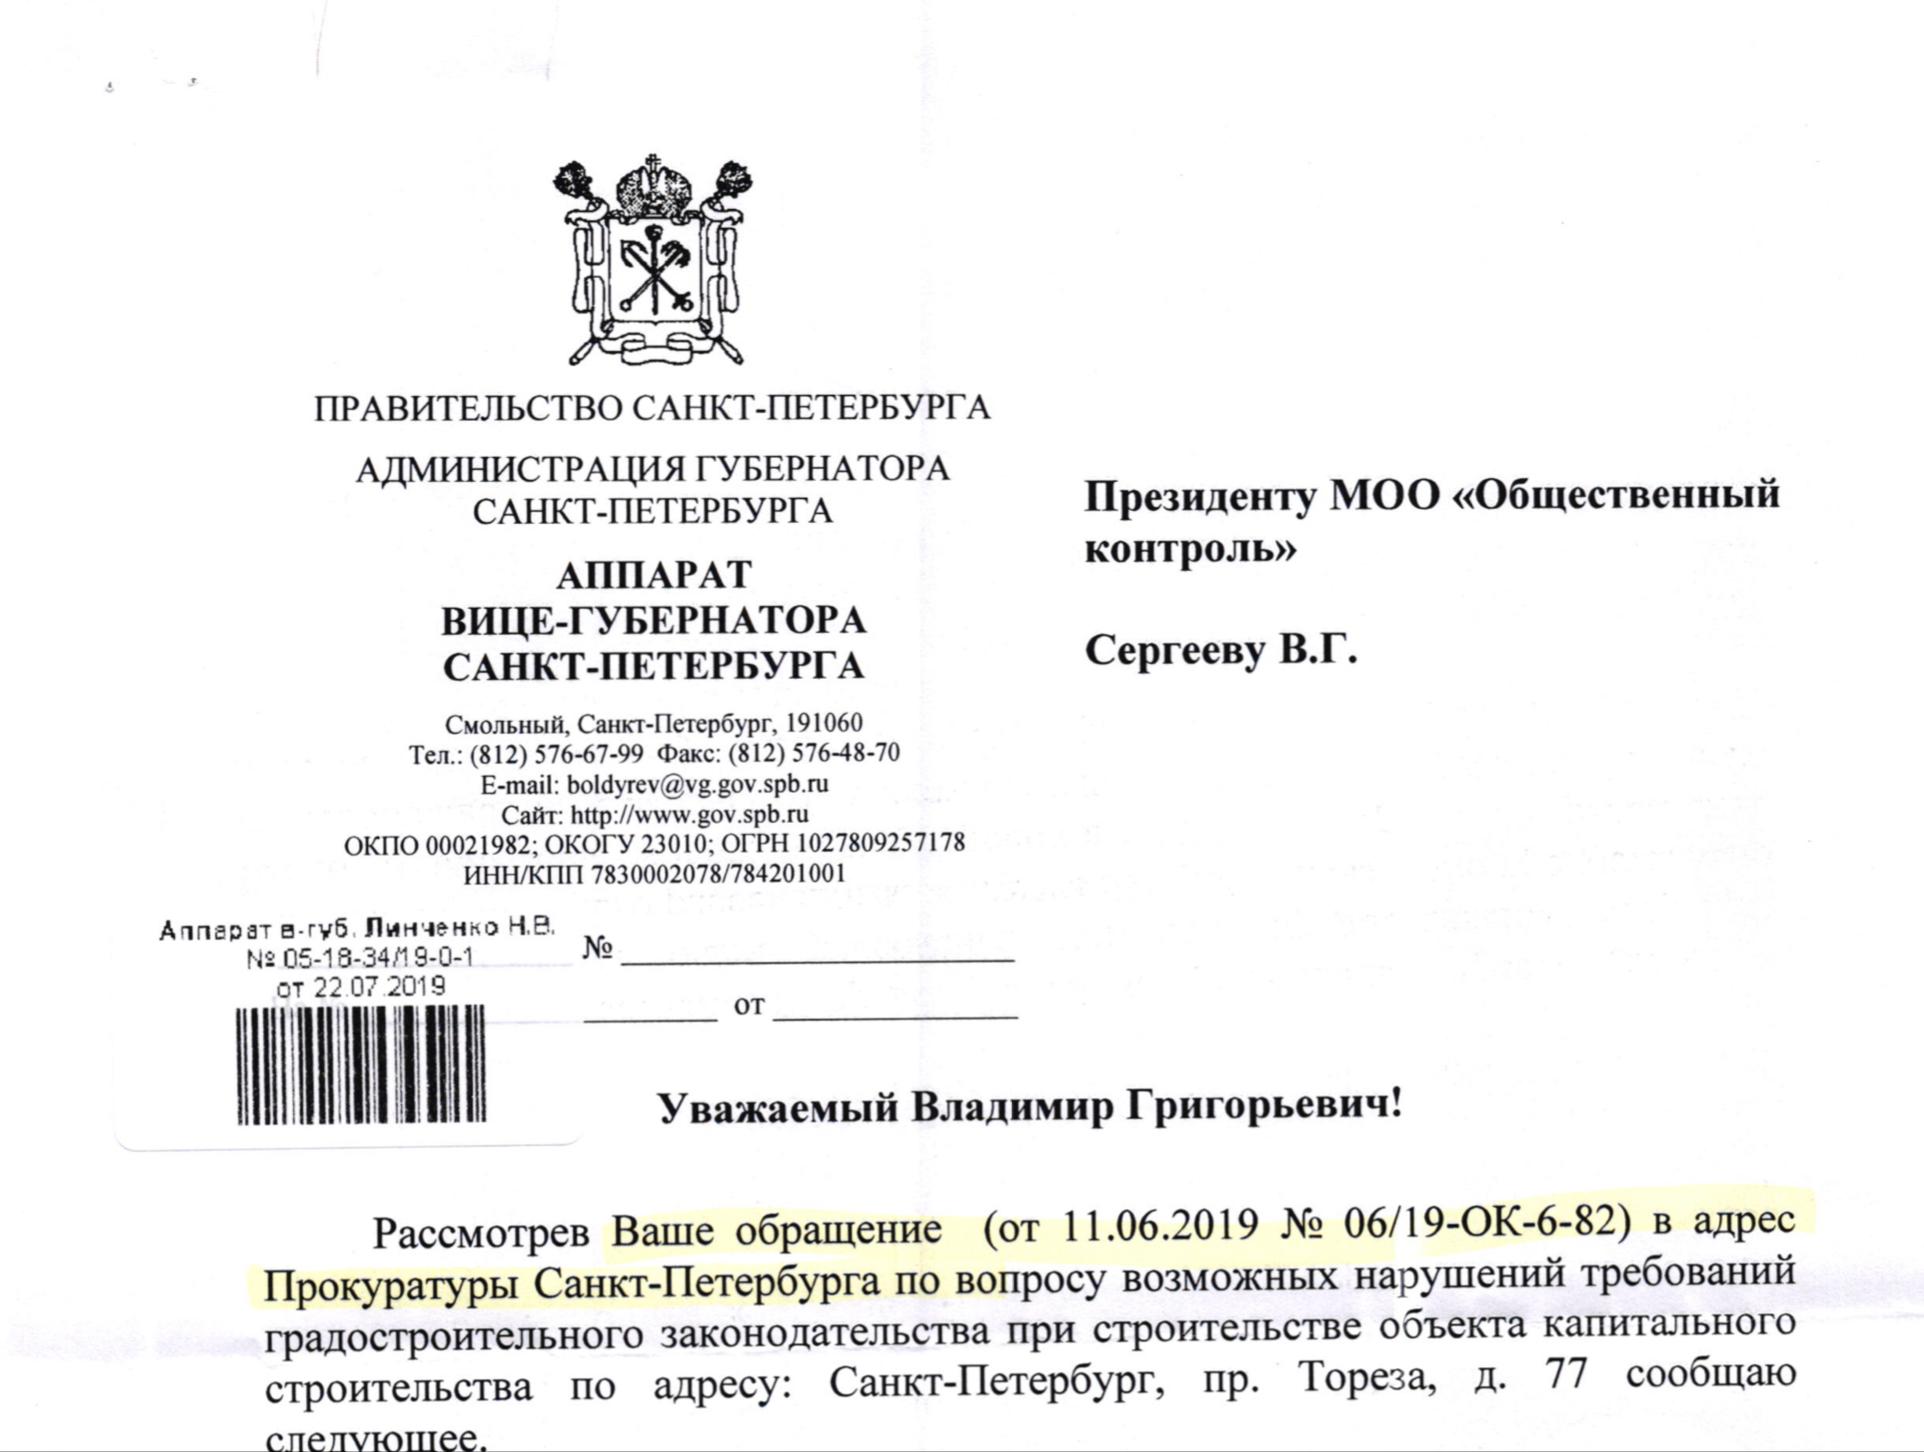 Ответ из аппарата вице-Губернатора Линченко Н.В. По вопросу возможных нарушений при строительстве объекта капитального строительства по адресу пр. Тореза 77.